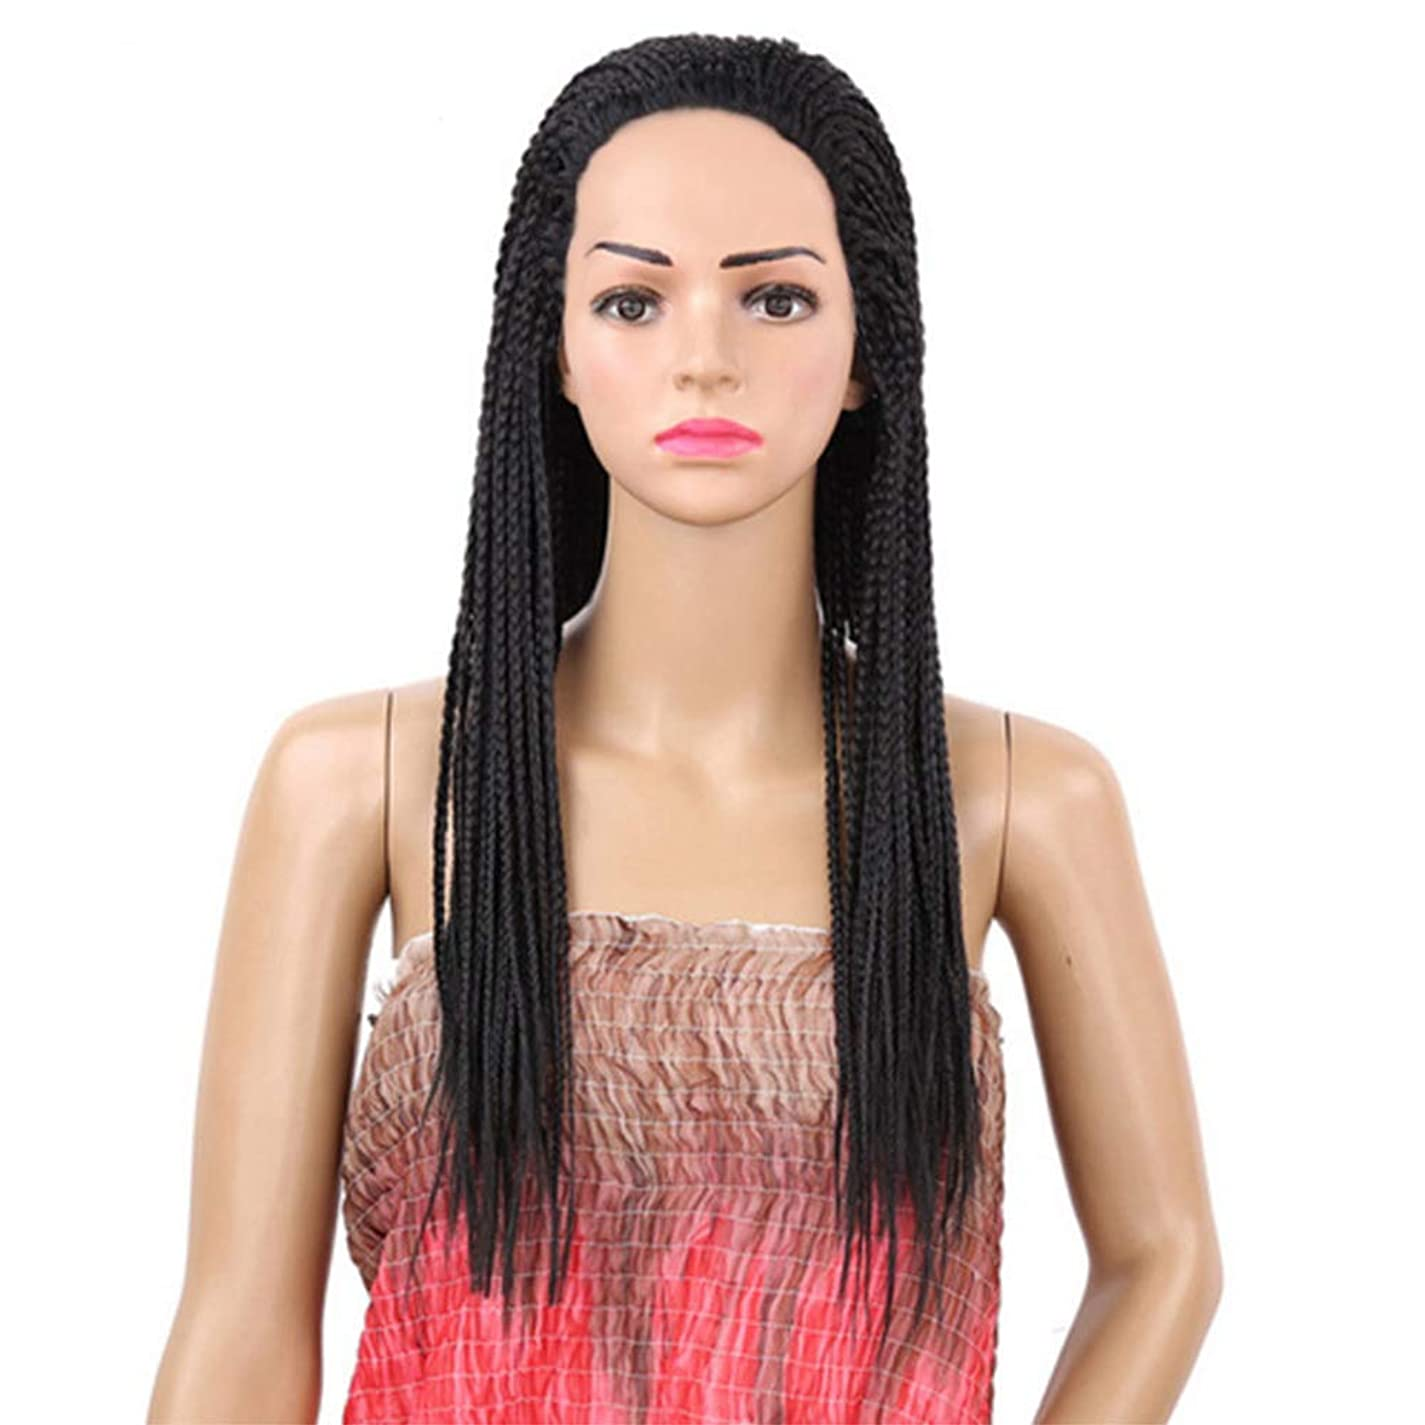 複雑信頼できるヒットレースフロントウィッグ汚れた100%未処理のバージンヘアブラジル人のRemy人間の髪の毛ストレートヘアレースウィッグと赤ちゃんの髪180%密度72 cm